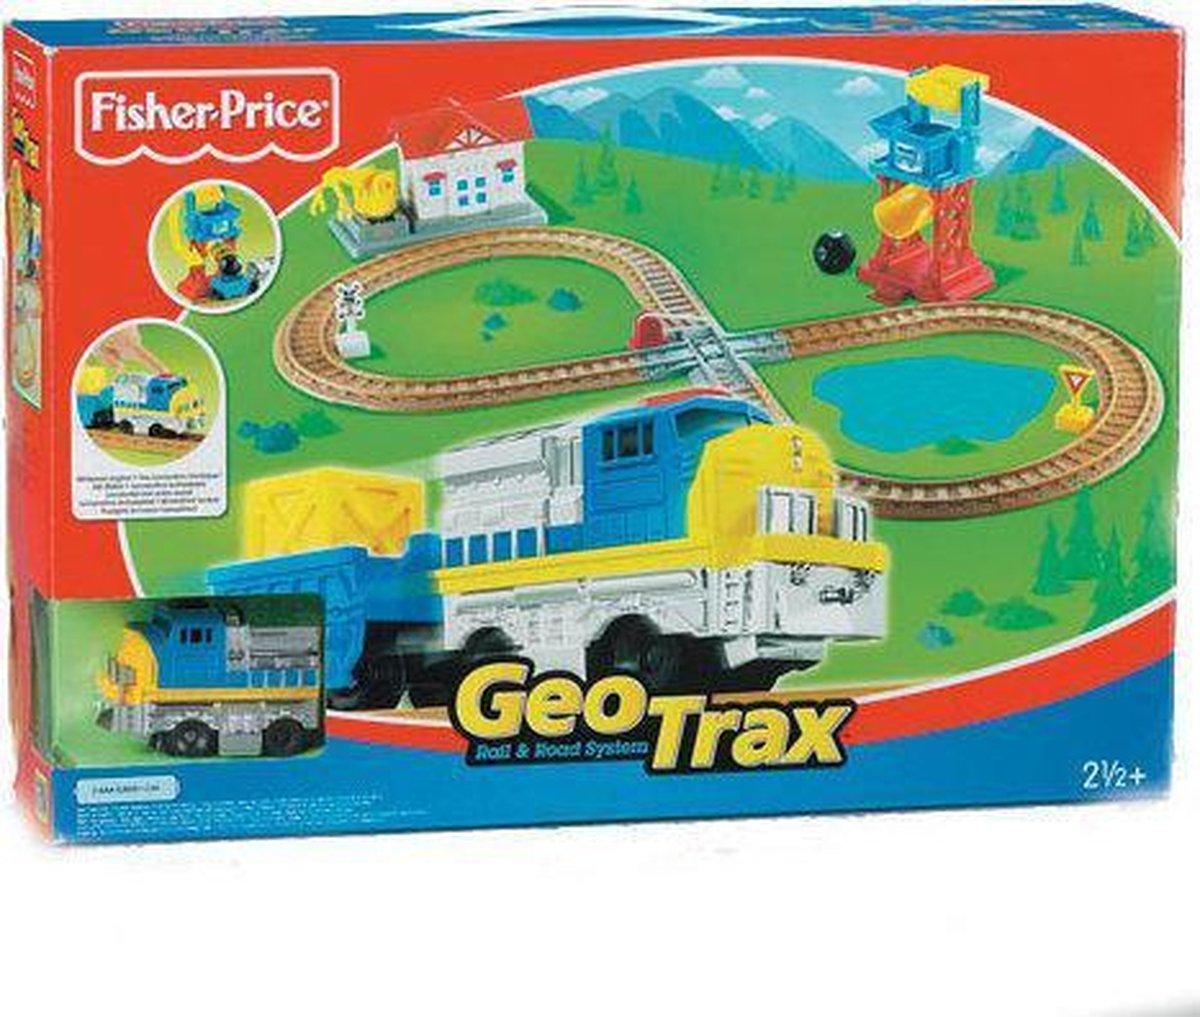 Fisher-Price Geotrax Starterset met Motor